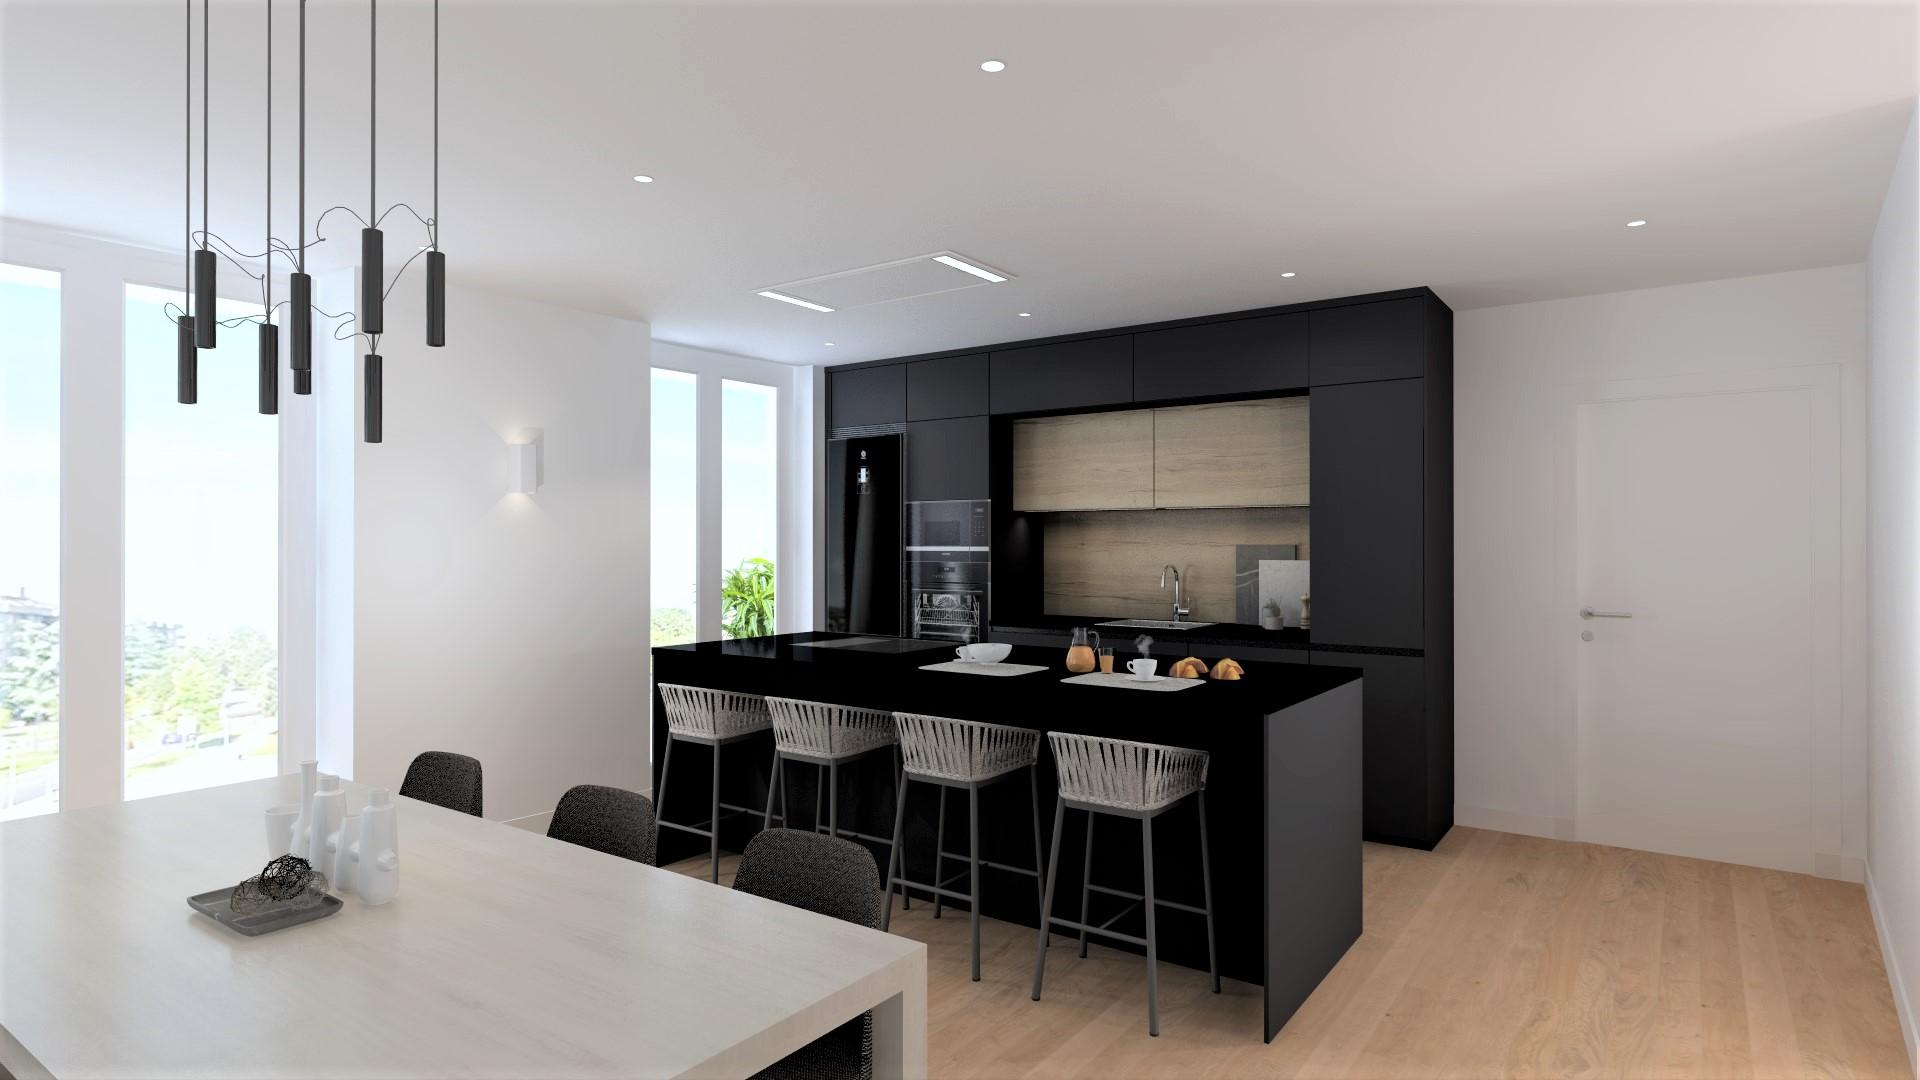 Cocina abierta con barra de desayuno Santiago Interiores